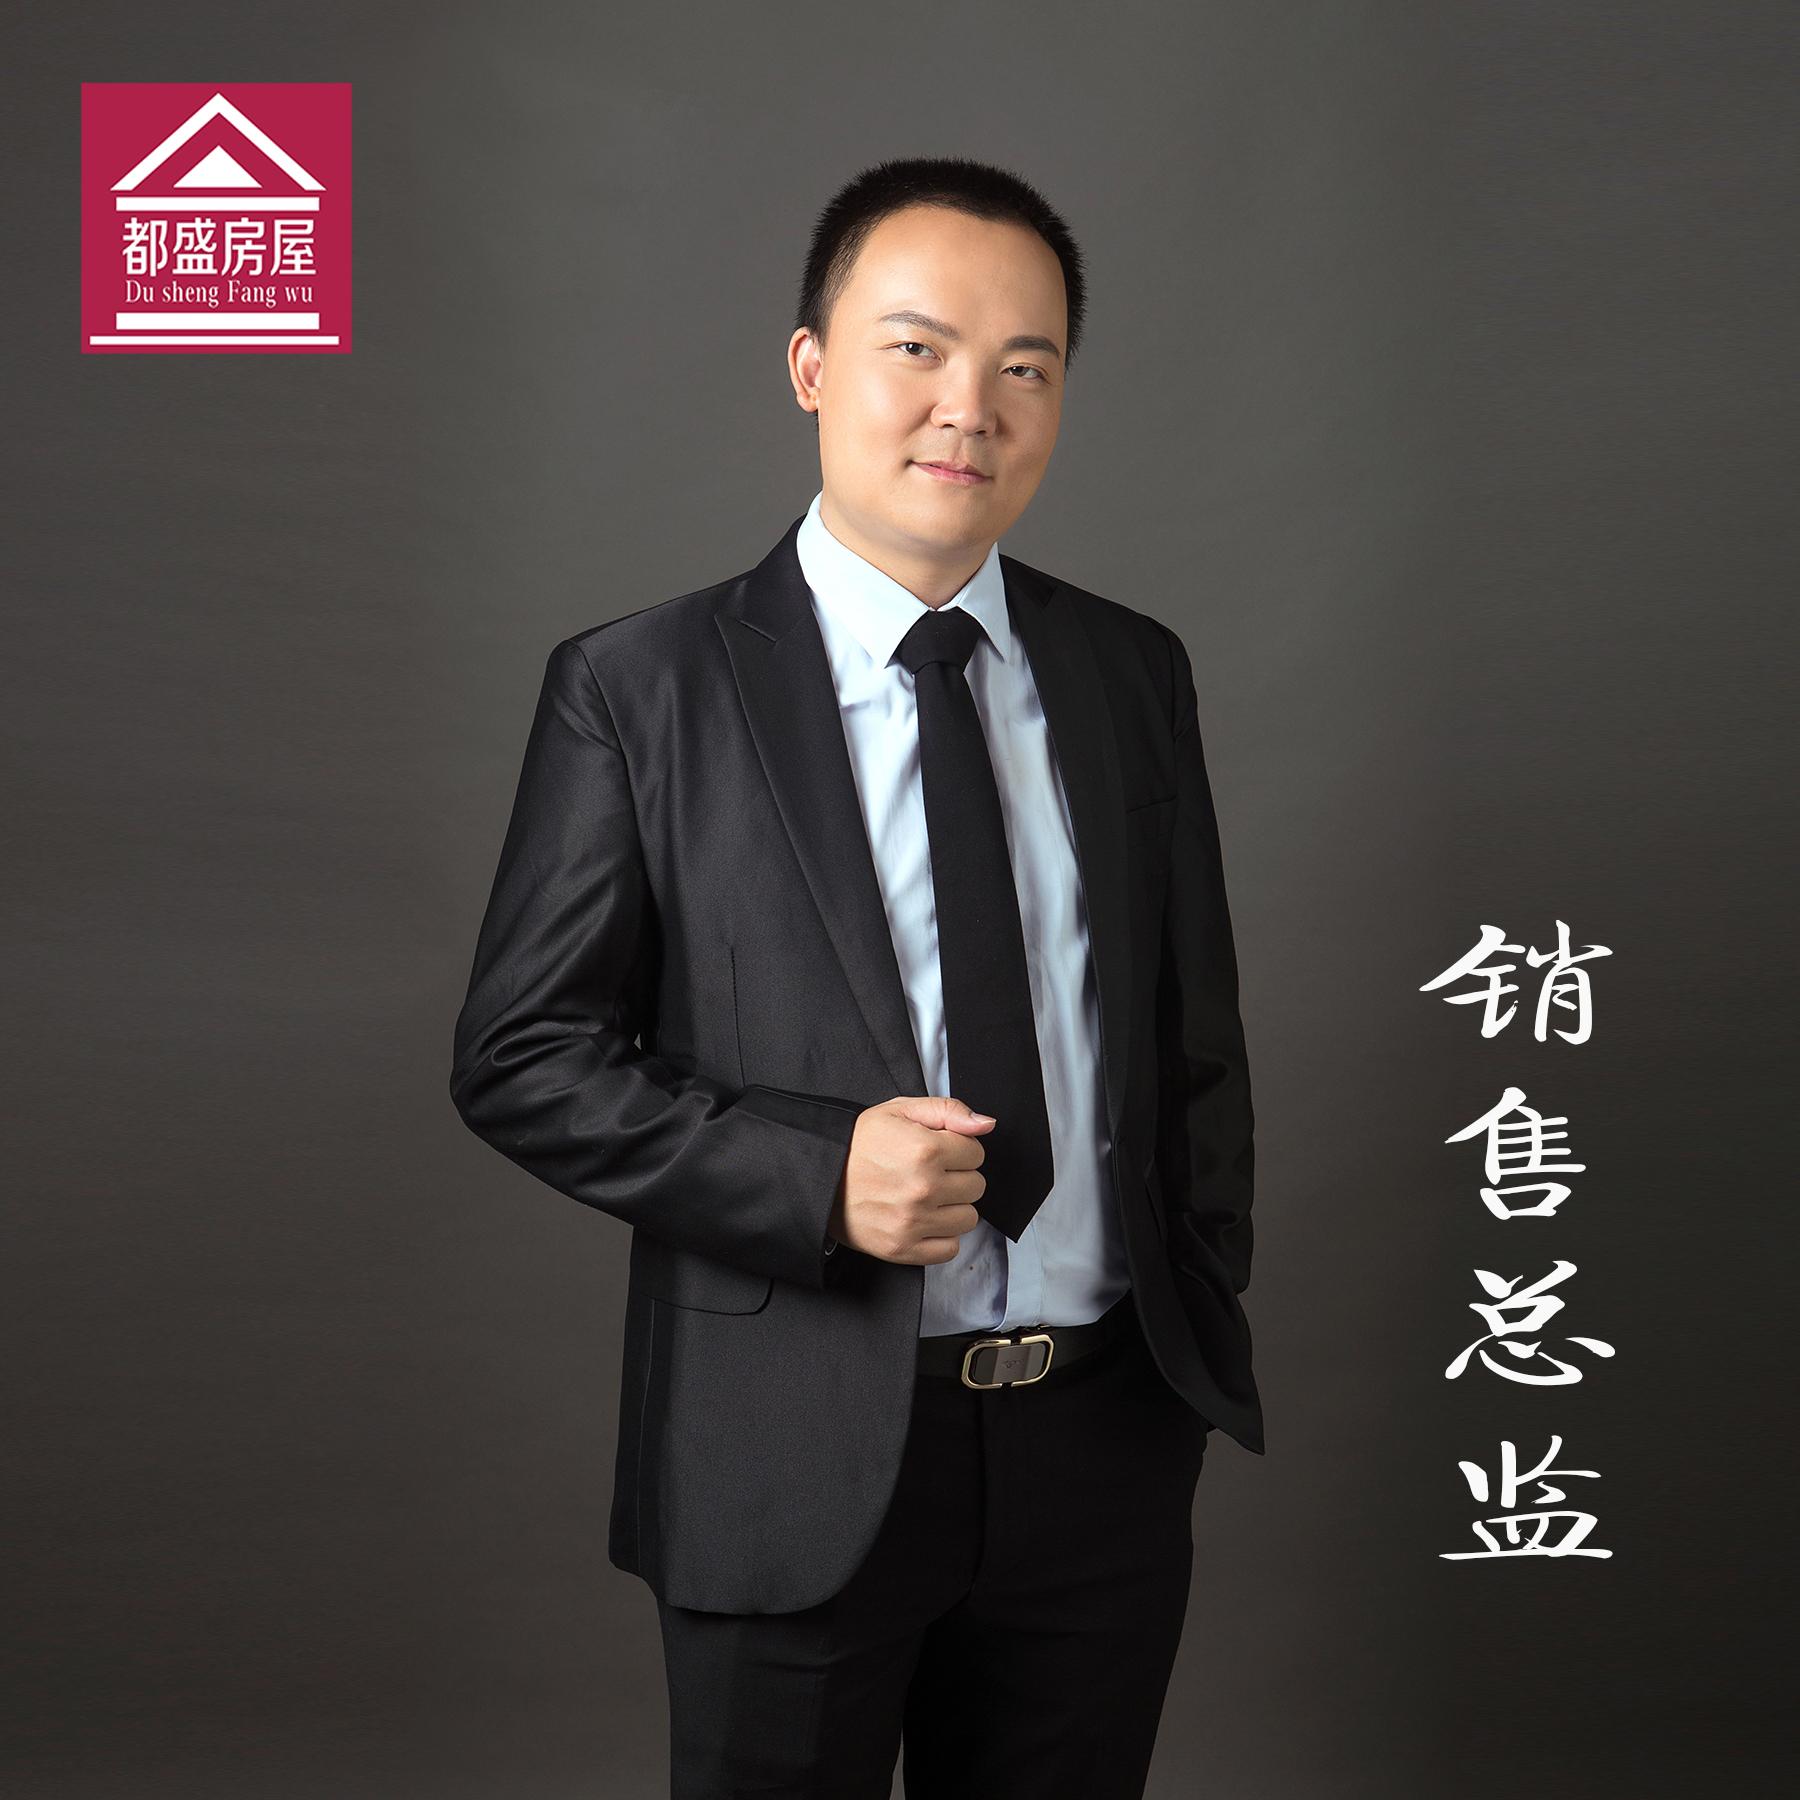 邵先生(萧山广播电台《楼市》栏目特邀嘉宾